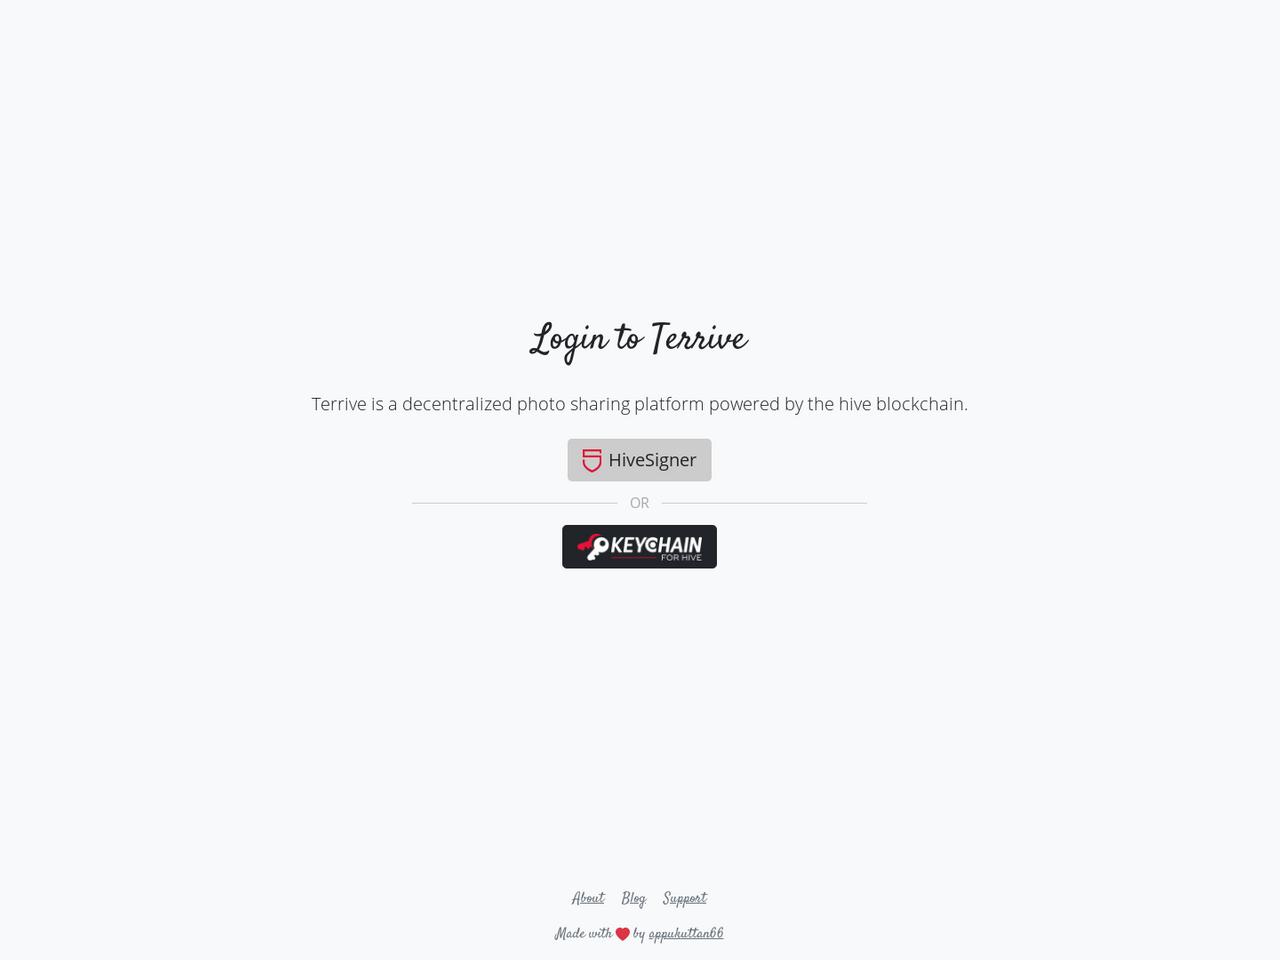 keychain-login